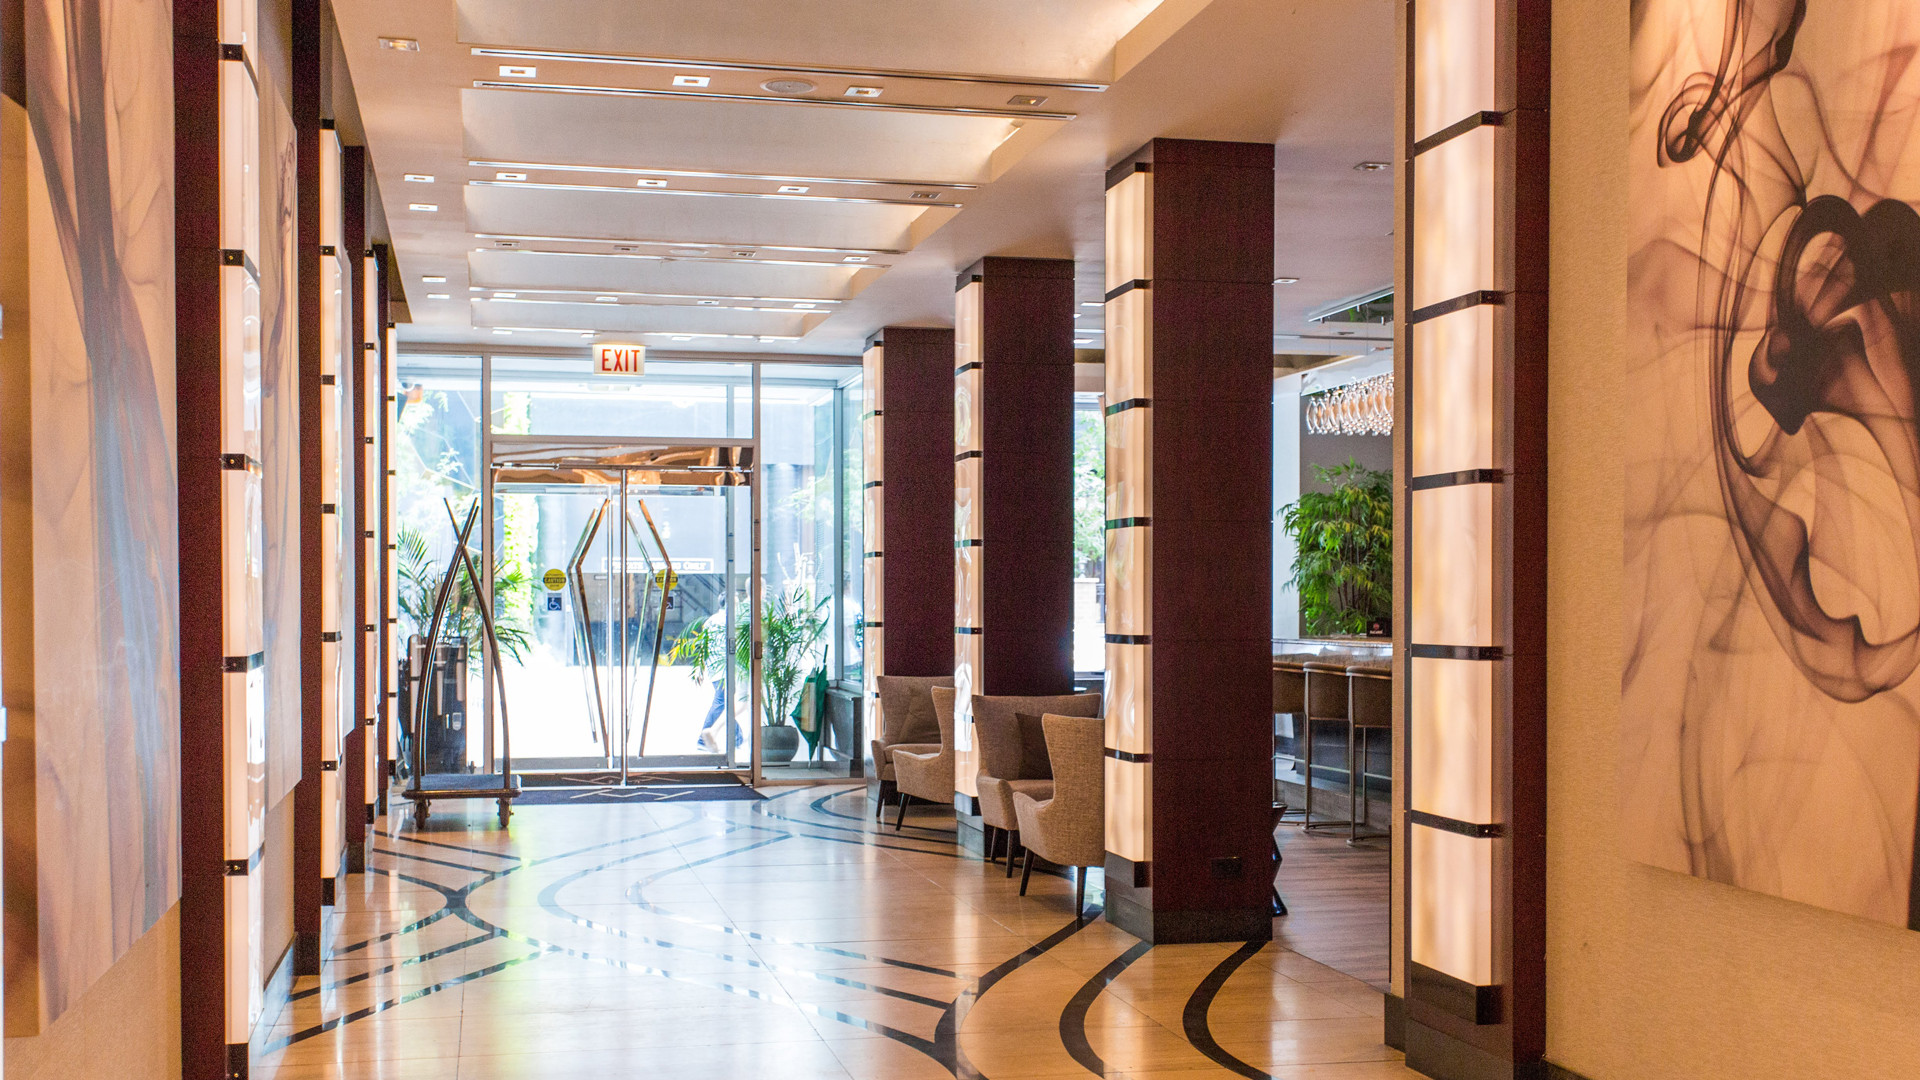 Ivy Hotel Chicago